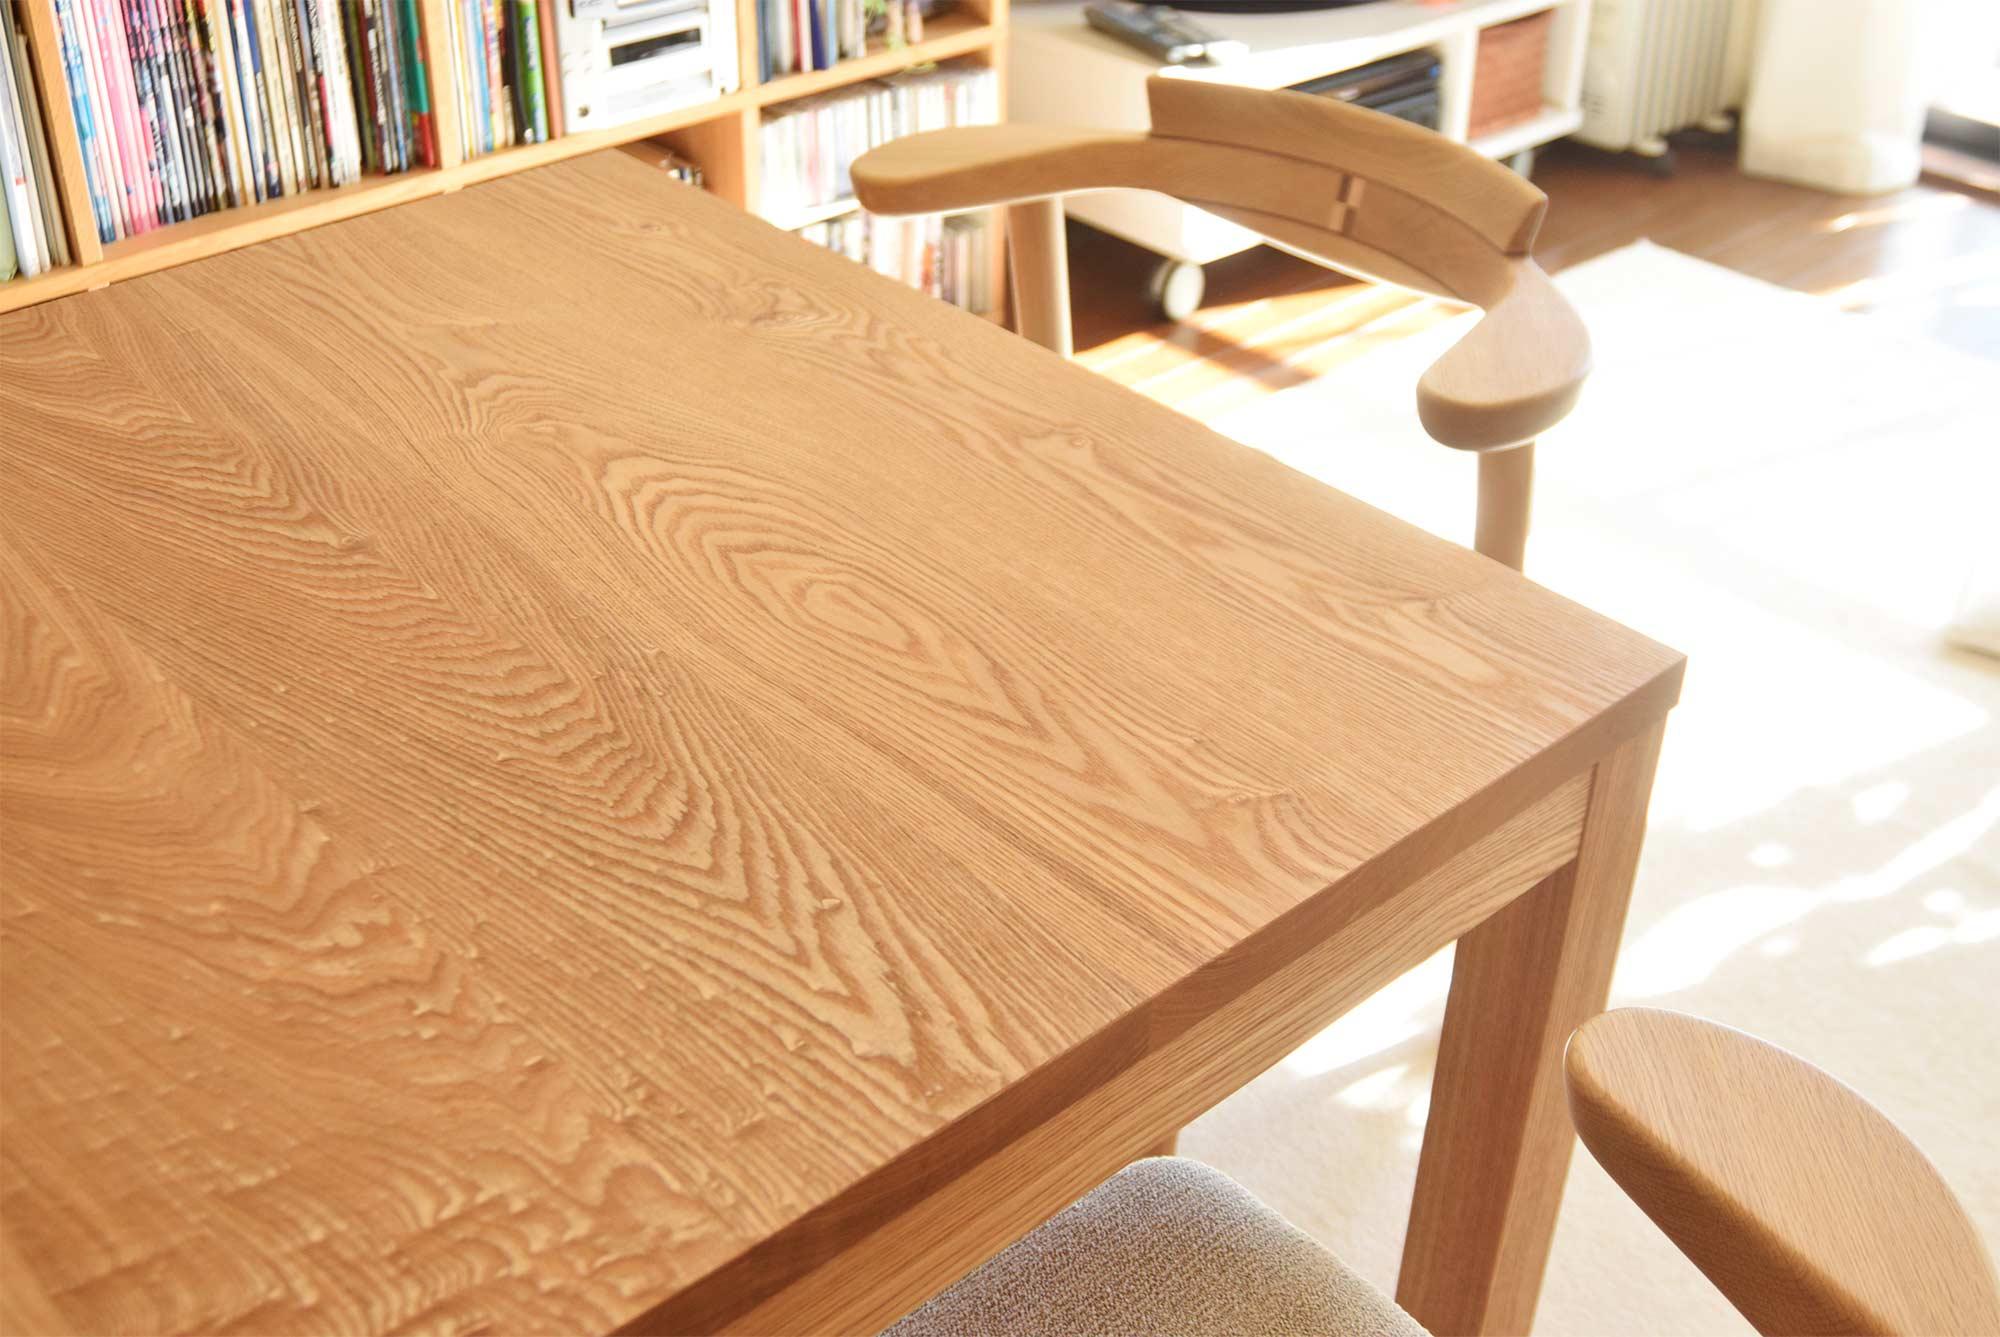 タモ材の木目が明るい雰囲気のスタンダードテーブル・タイプ2